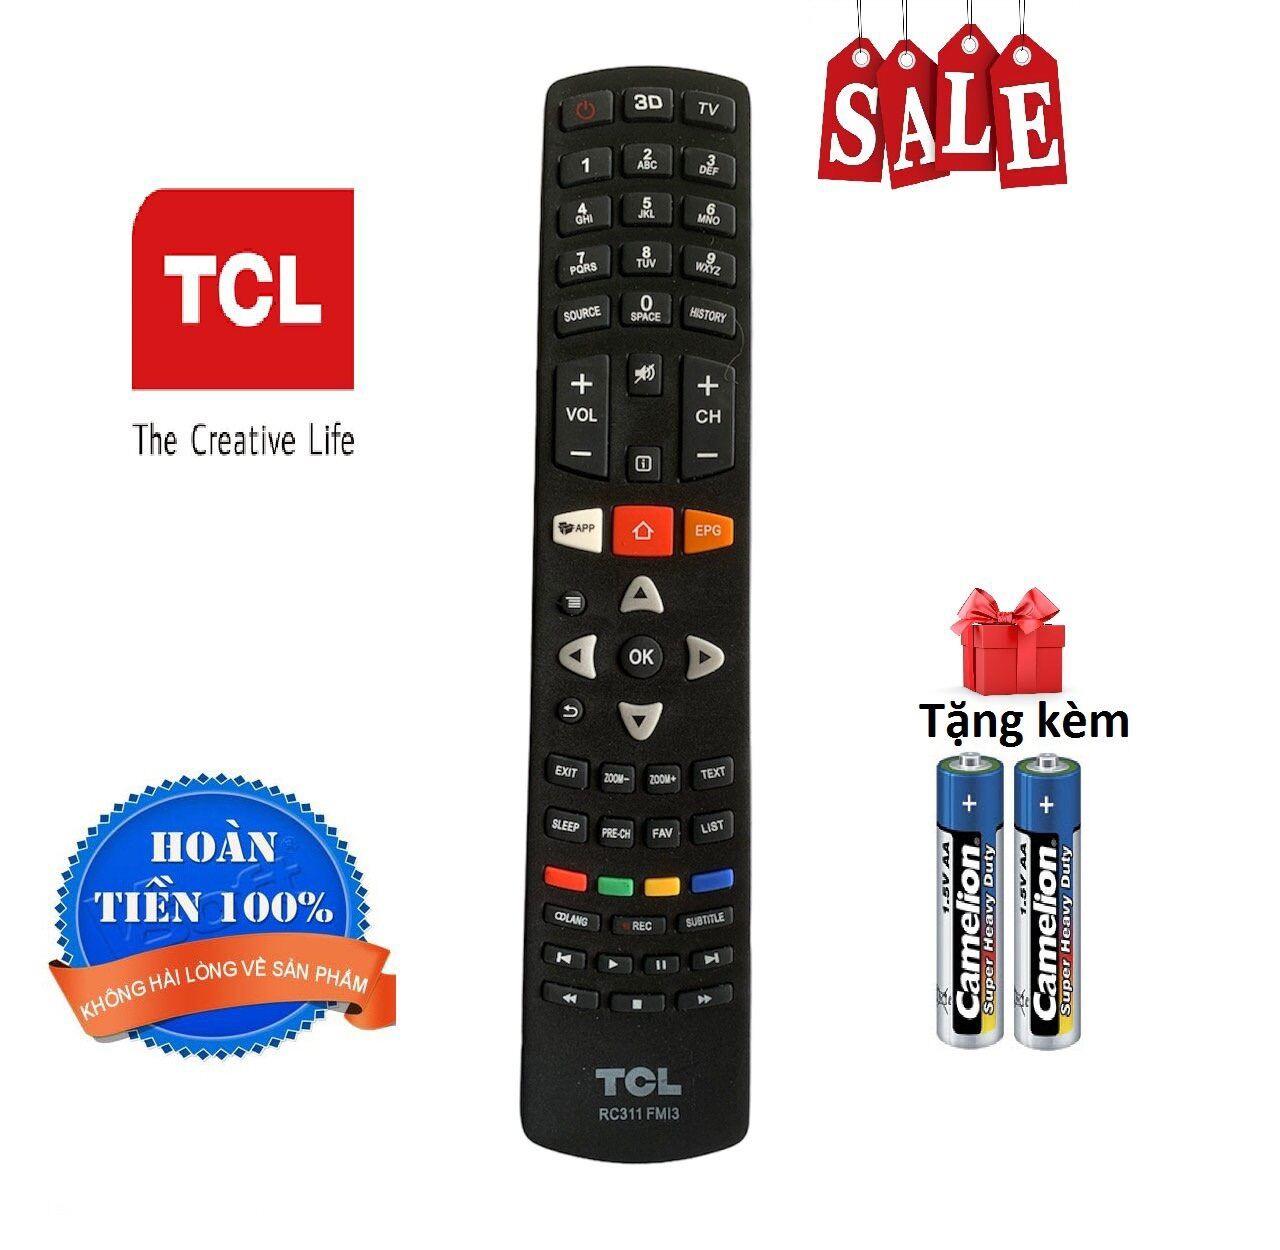 Bảng giá Điều khiển tivi TCL - Hàng tốt [ tặng kèm pin ]